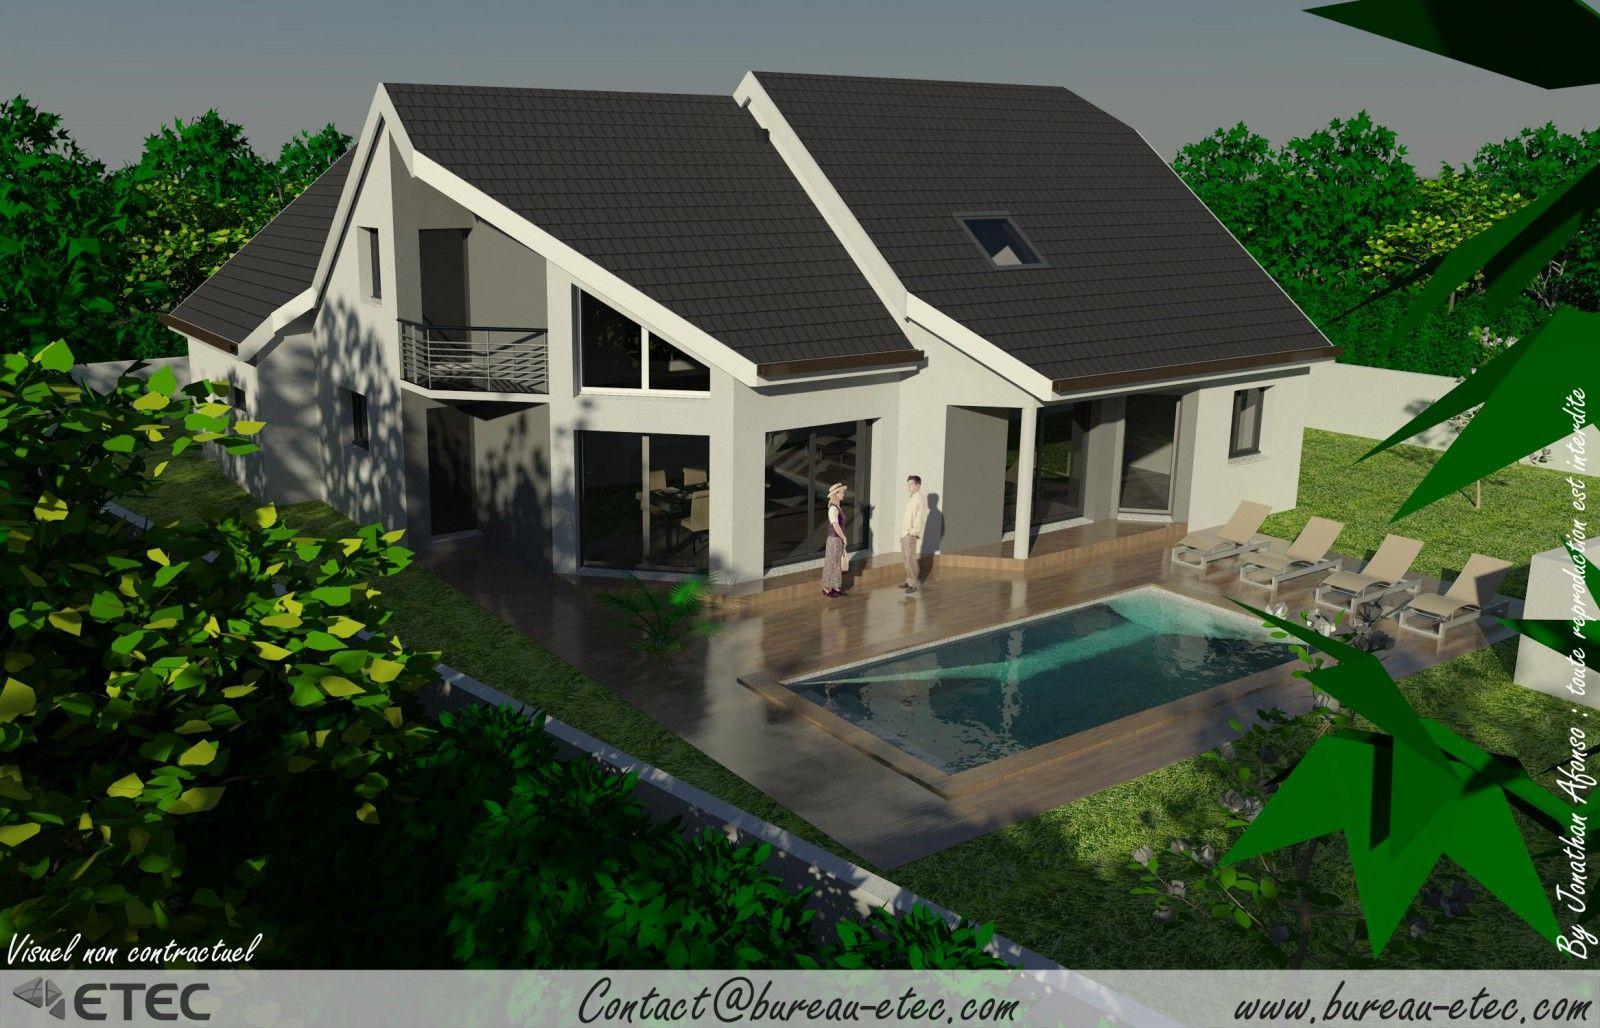 Maison Contemporaine Saulon - ETEC | maison | Pinterest